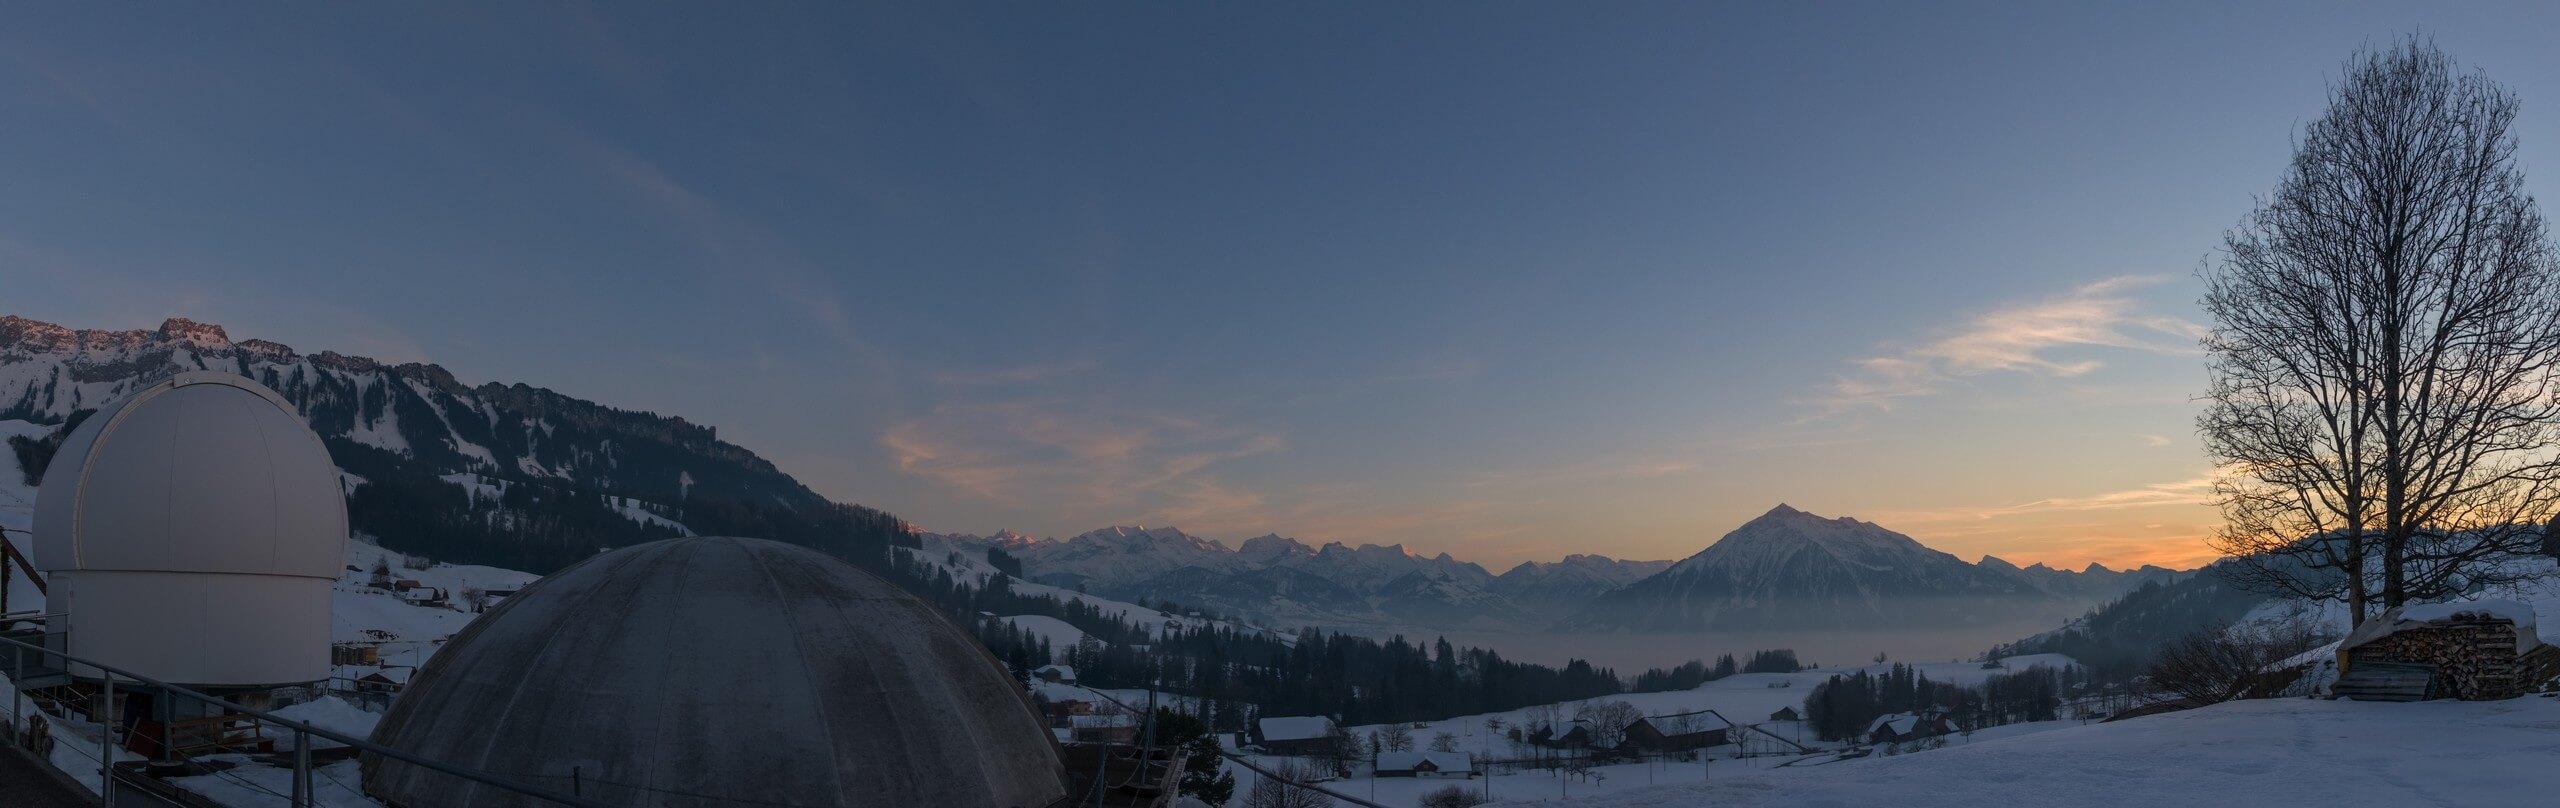 sigriswil-schwanden-sternwarte-sirius-winter-abend